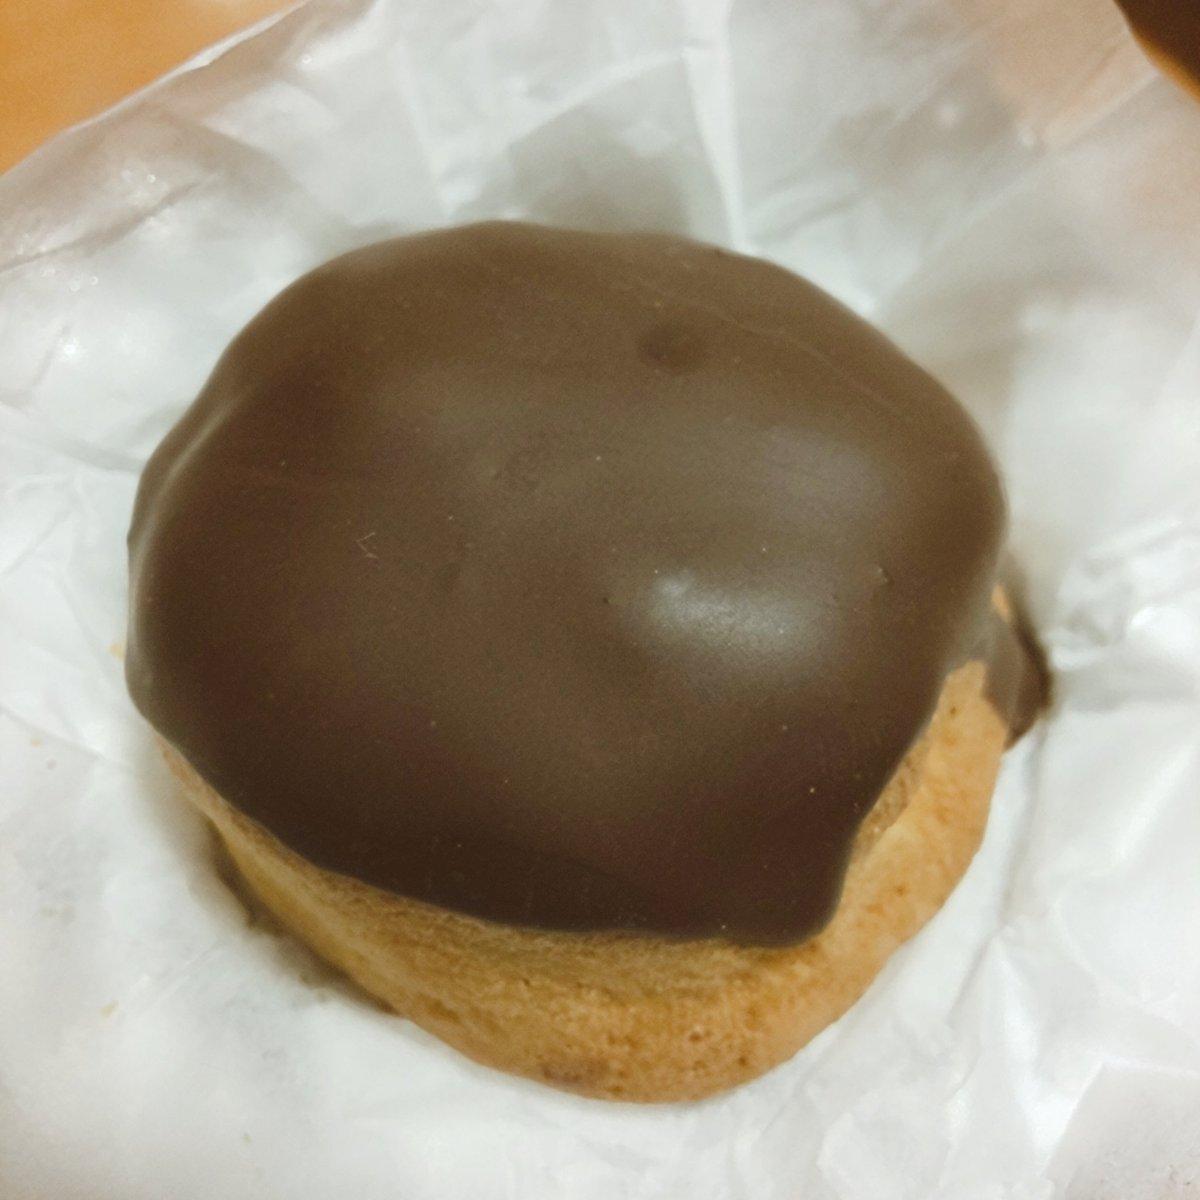 test ツイッターメディア - 白鷺宝みたいなのかと思ったらお饅頭にチョコがけのお菓子だった https://t.co/ZPWGfaWRyg